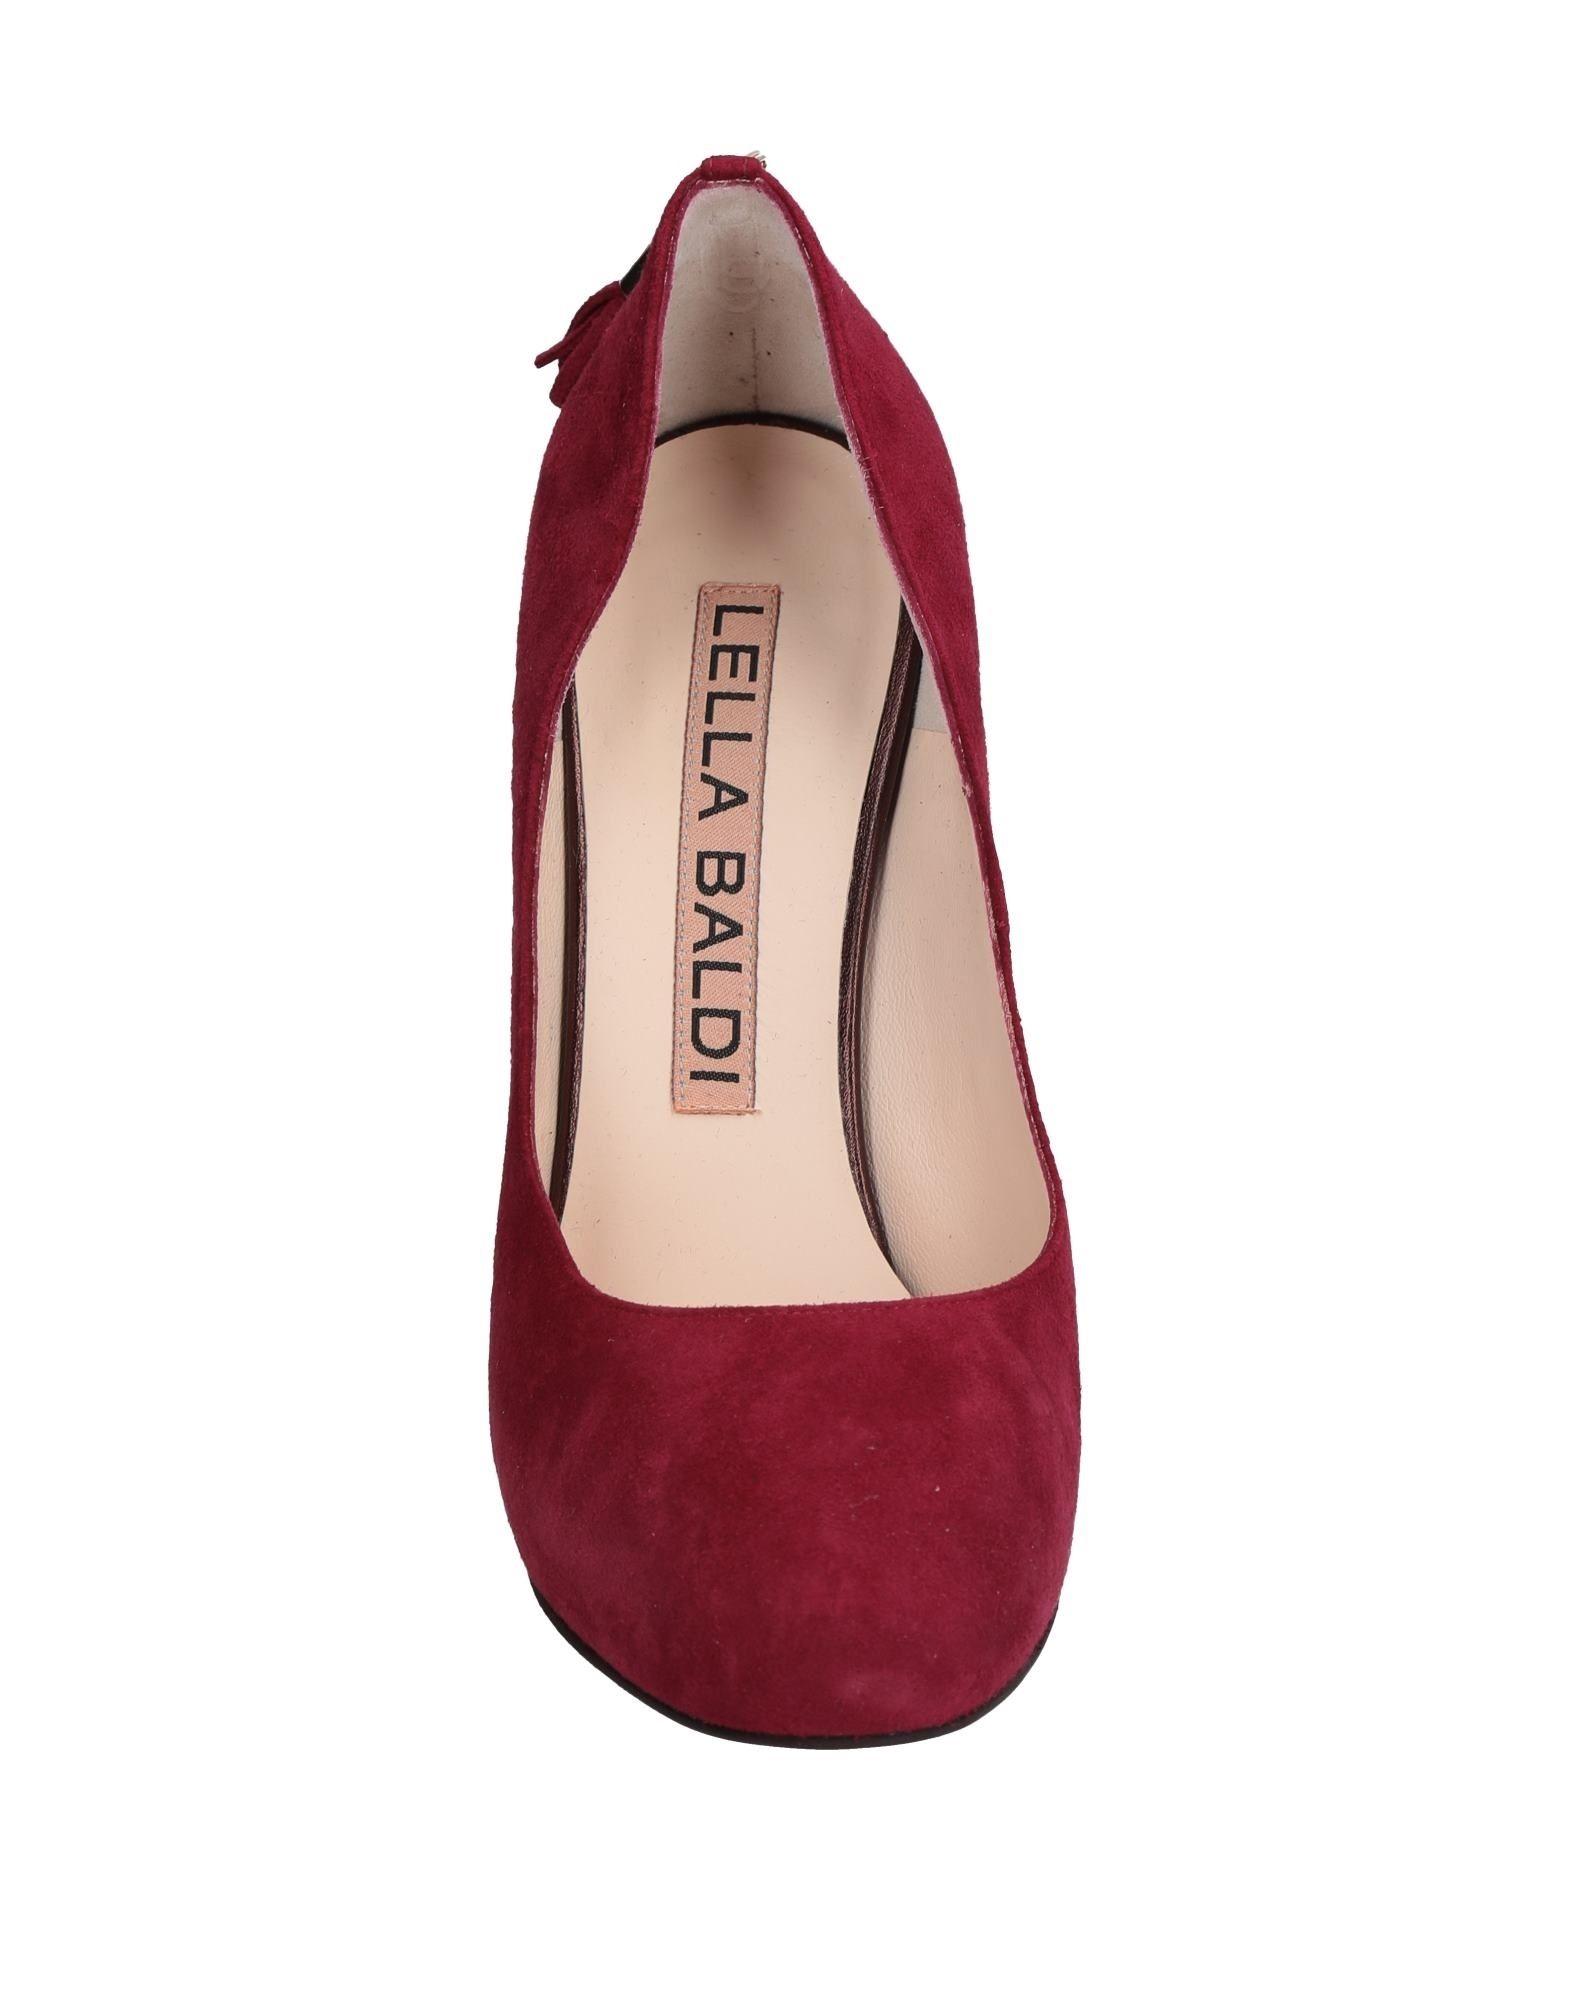 Stilvolle billige Schuhe Lella Baldi Pumps Damen  11536101EO 11536101EO 11536101EO 3b6826